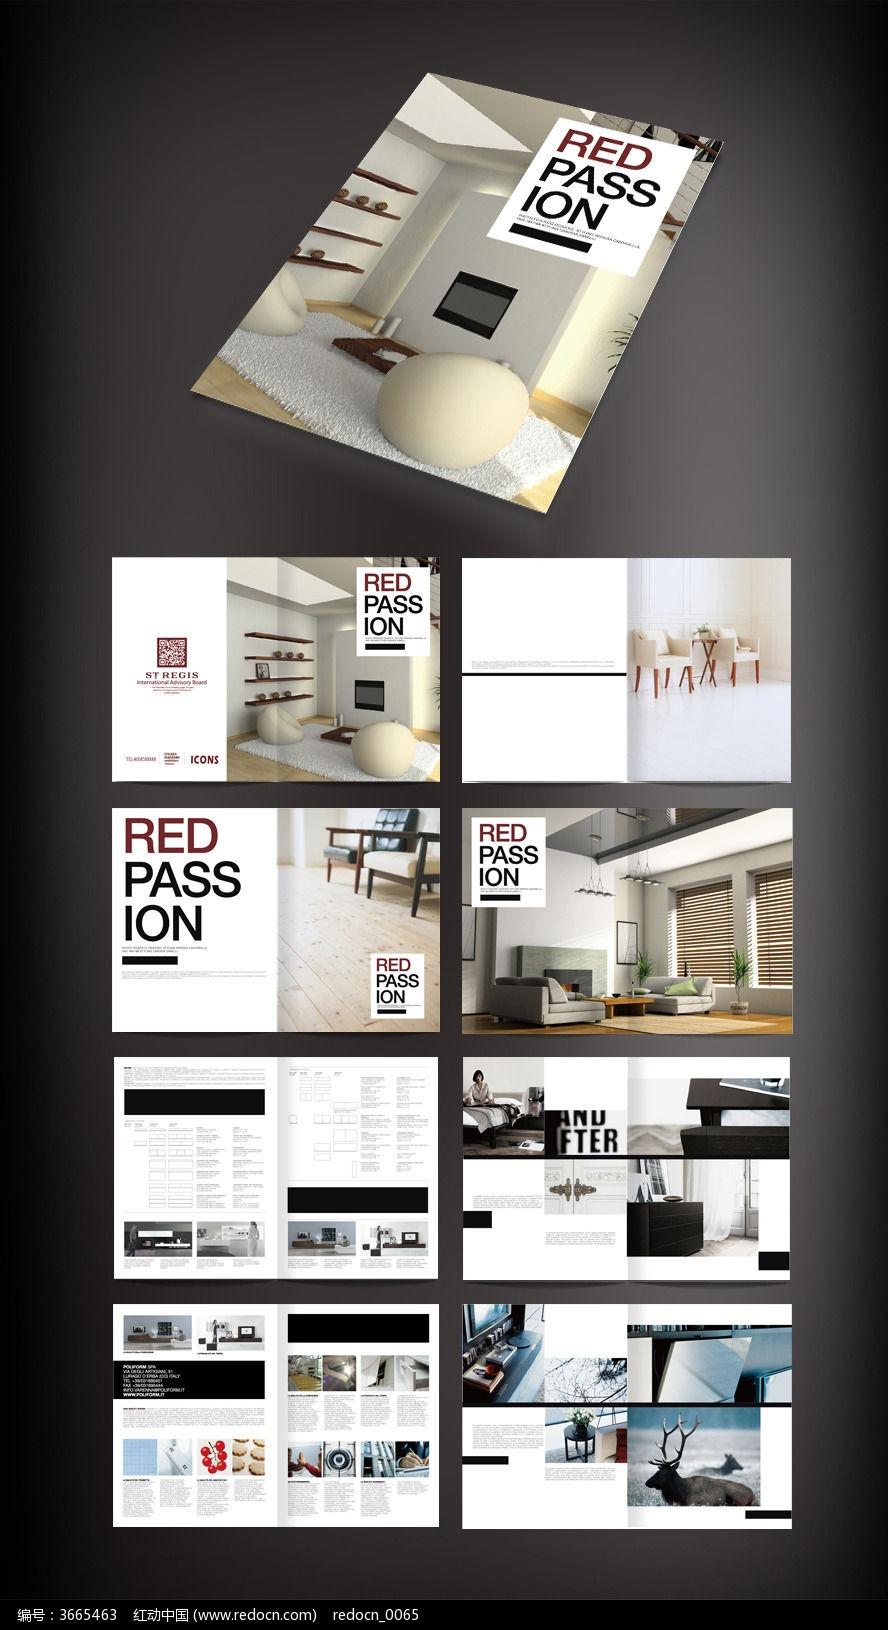 家具画册 家居画册 产品画册 版式设计 排版设计 家具定制画册 家具图片